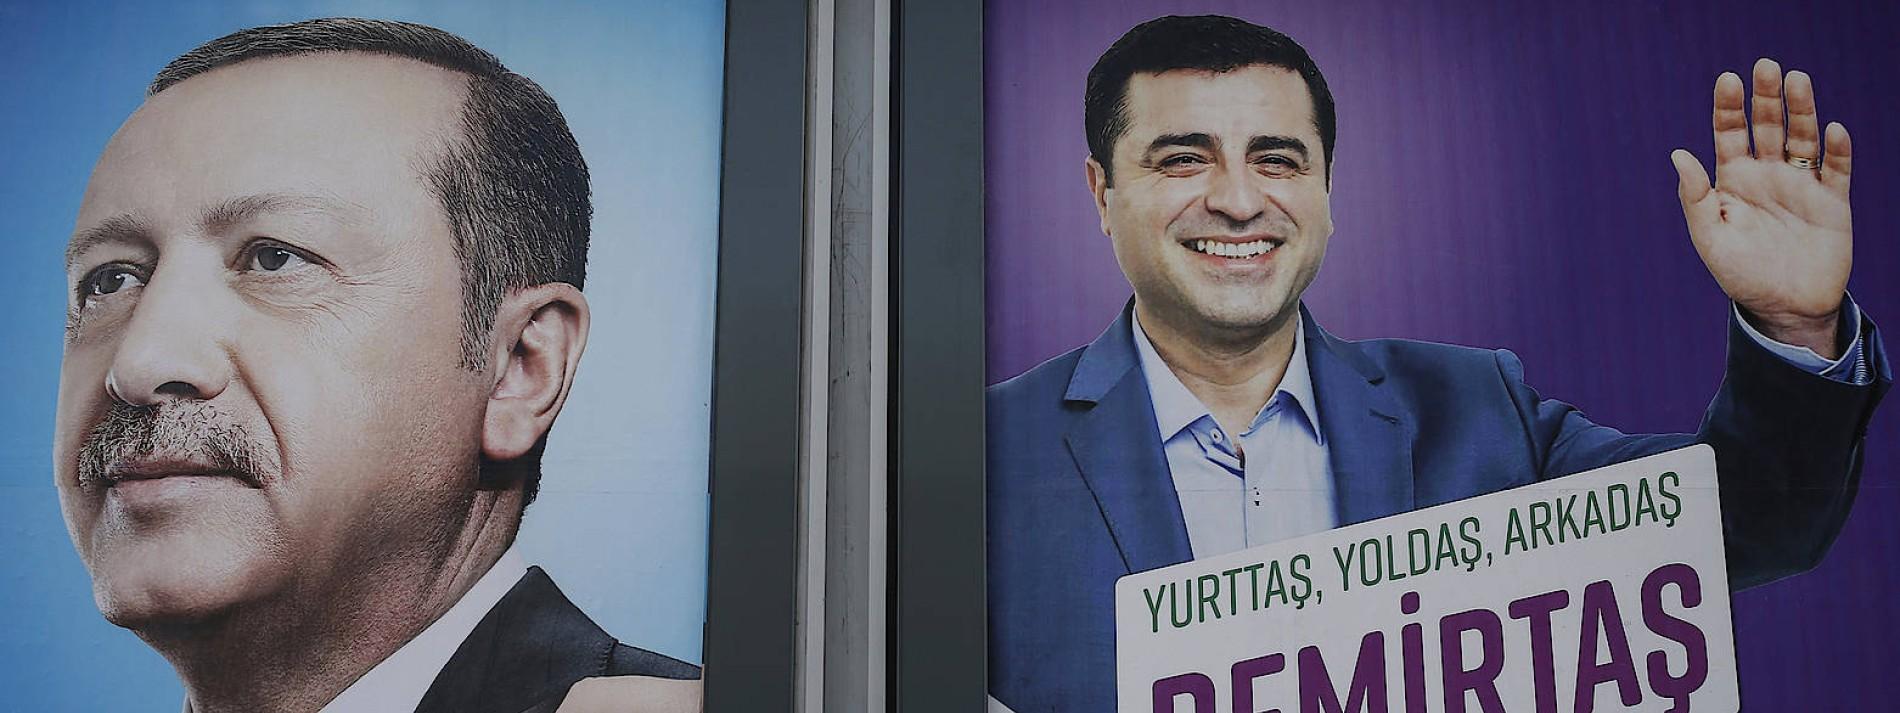 Stiefkinder der türkischen Demokratie